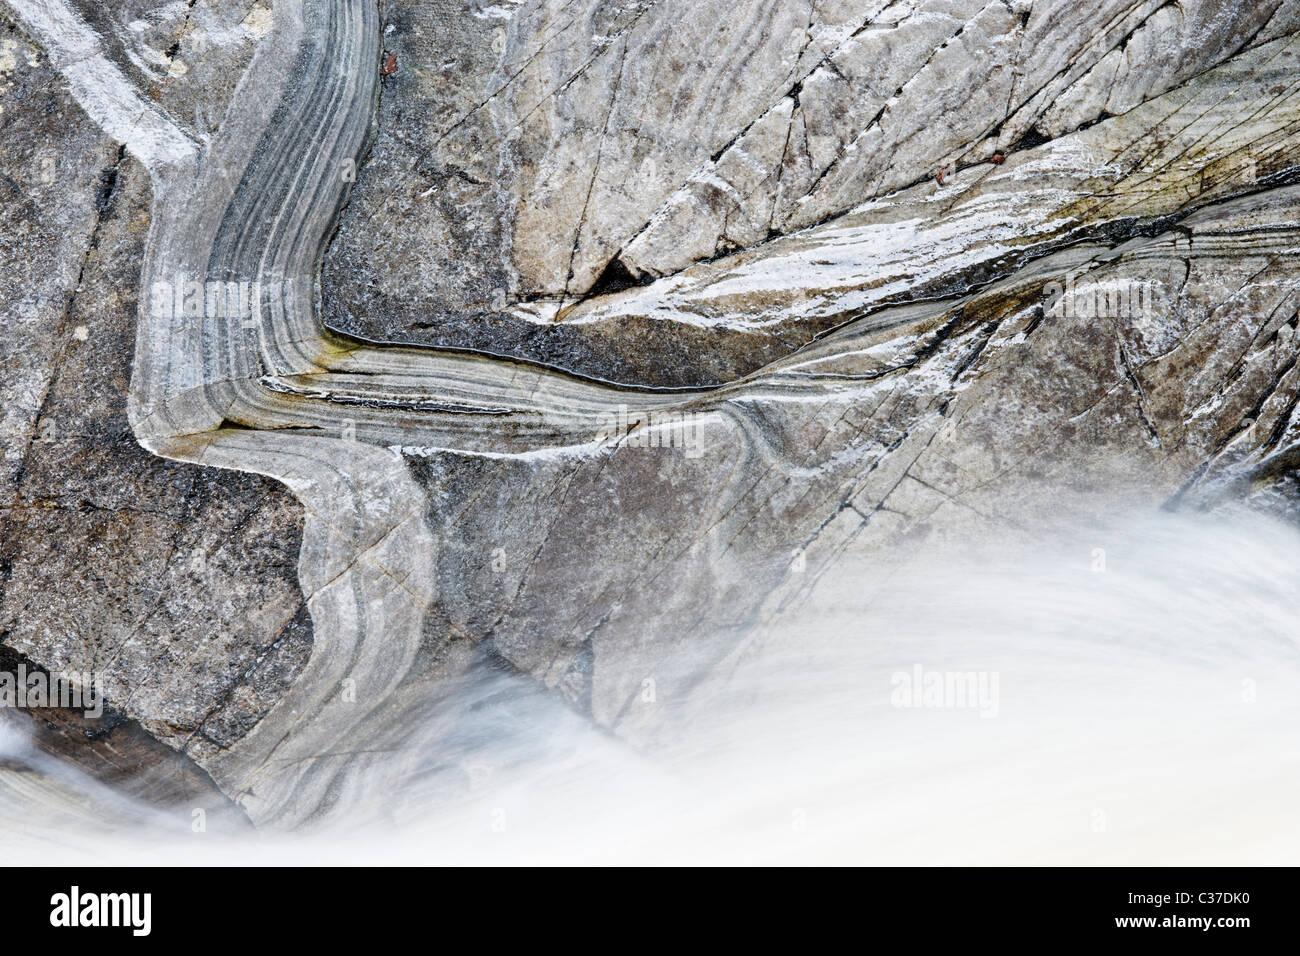 L'acqua di Bruar e mica roccia scistosa, Perth and Kinross, Scotland, Regno Unito. Immagini Stock